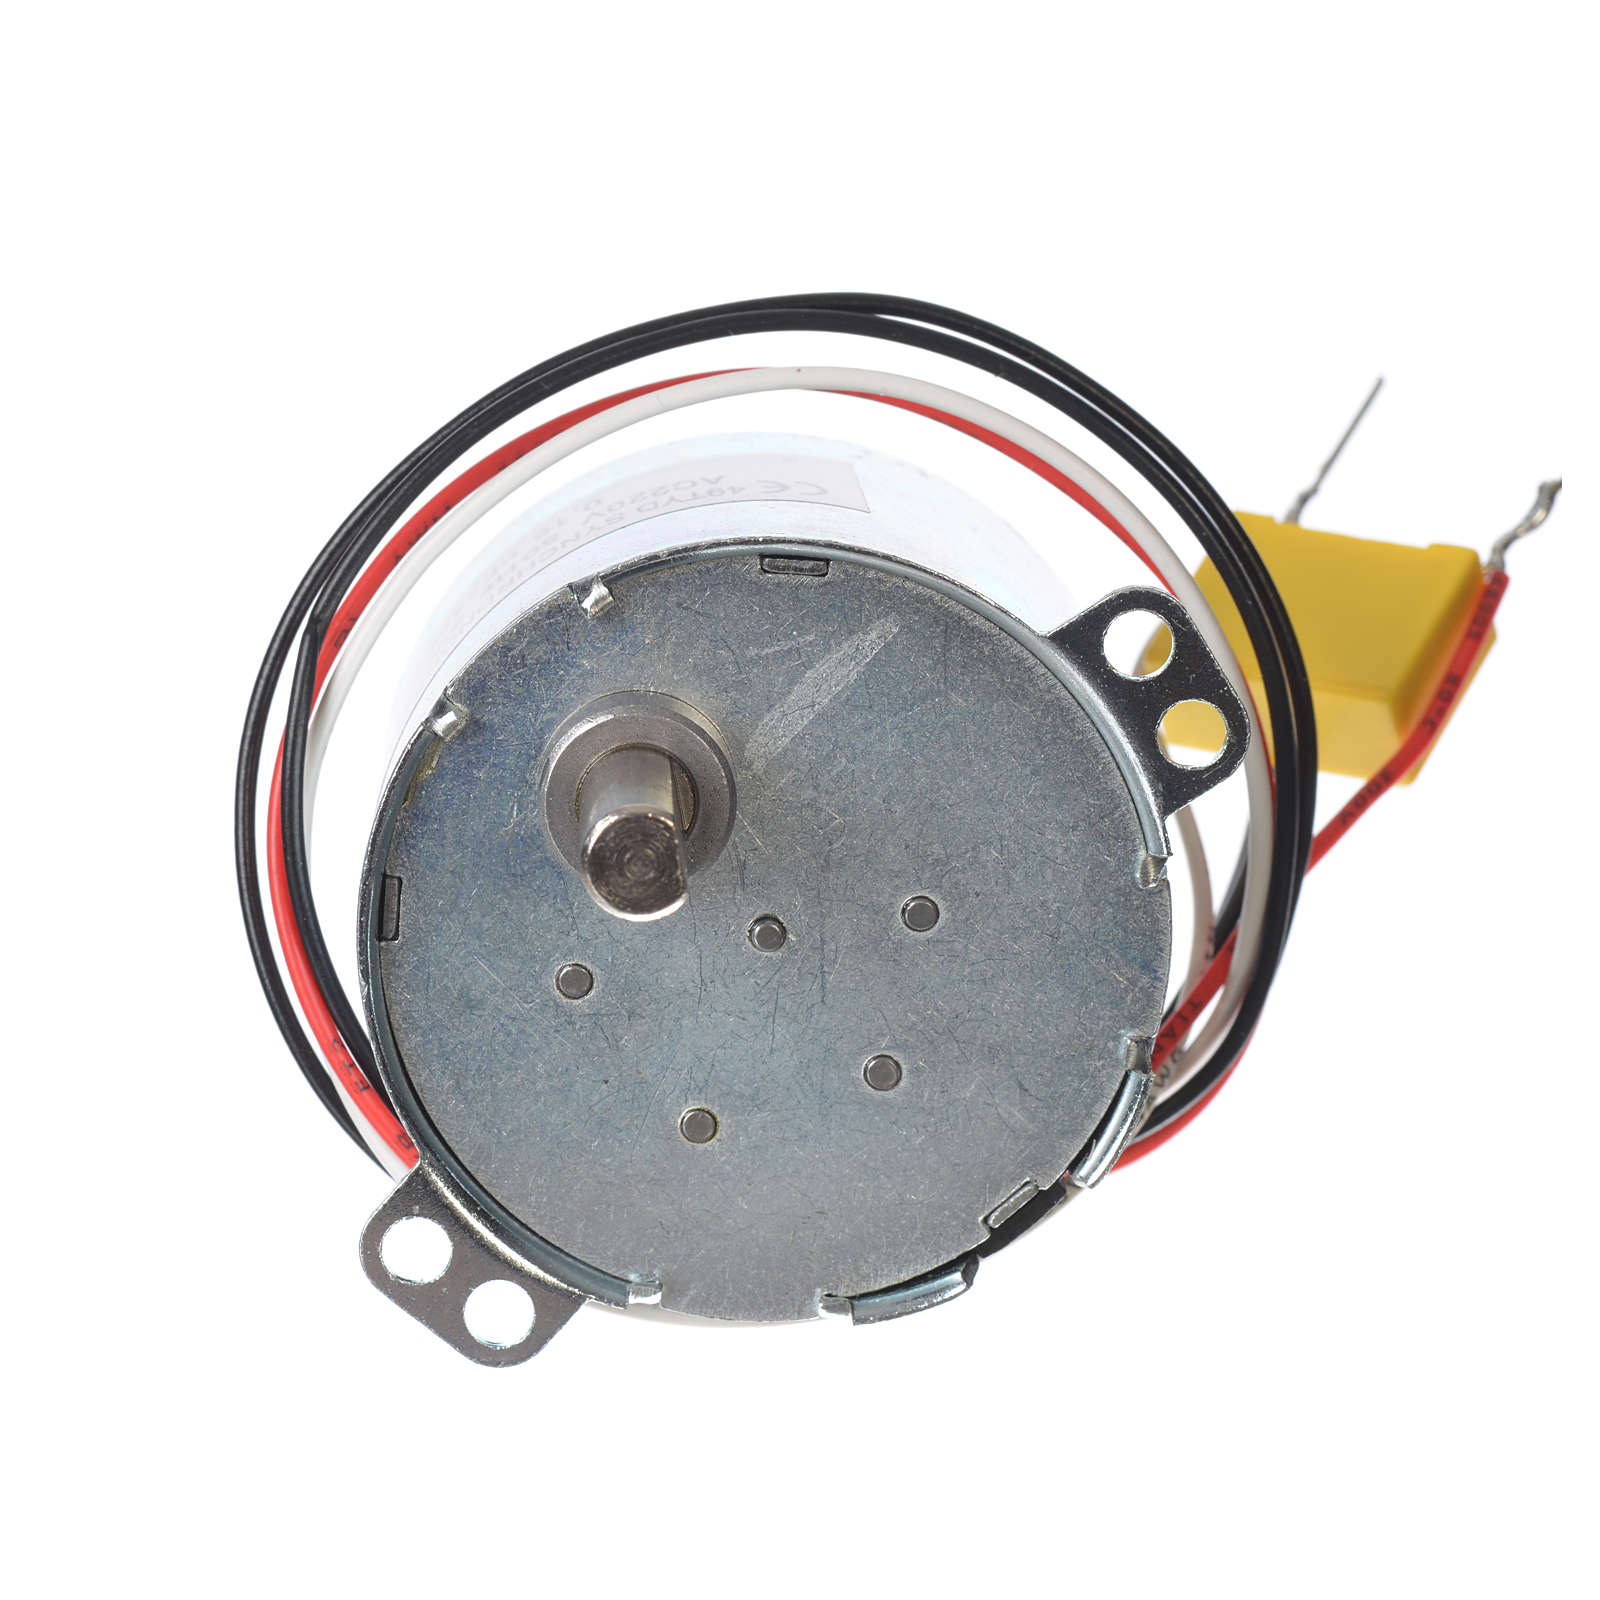 Motoriduttore MV 20 giri/min presepe 4